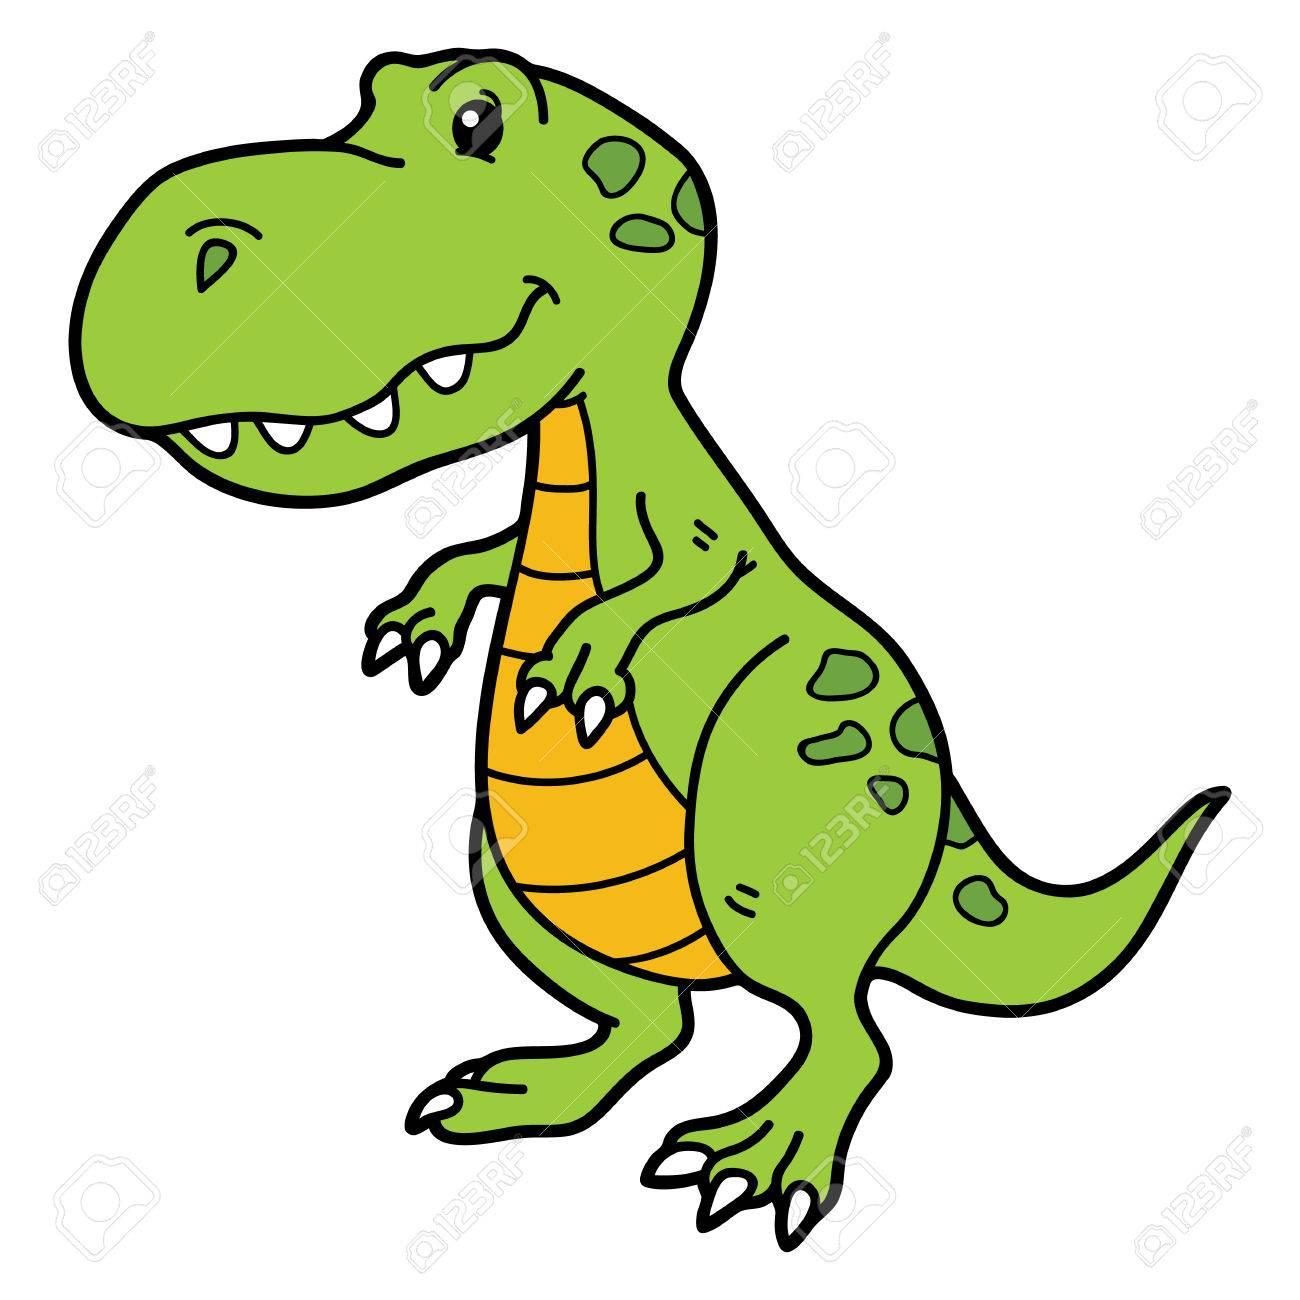 ベクトル子供およびスクラップのための恐竜のかわいい漫画のキャラクター